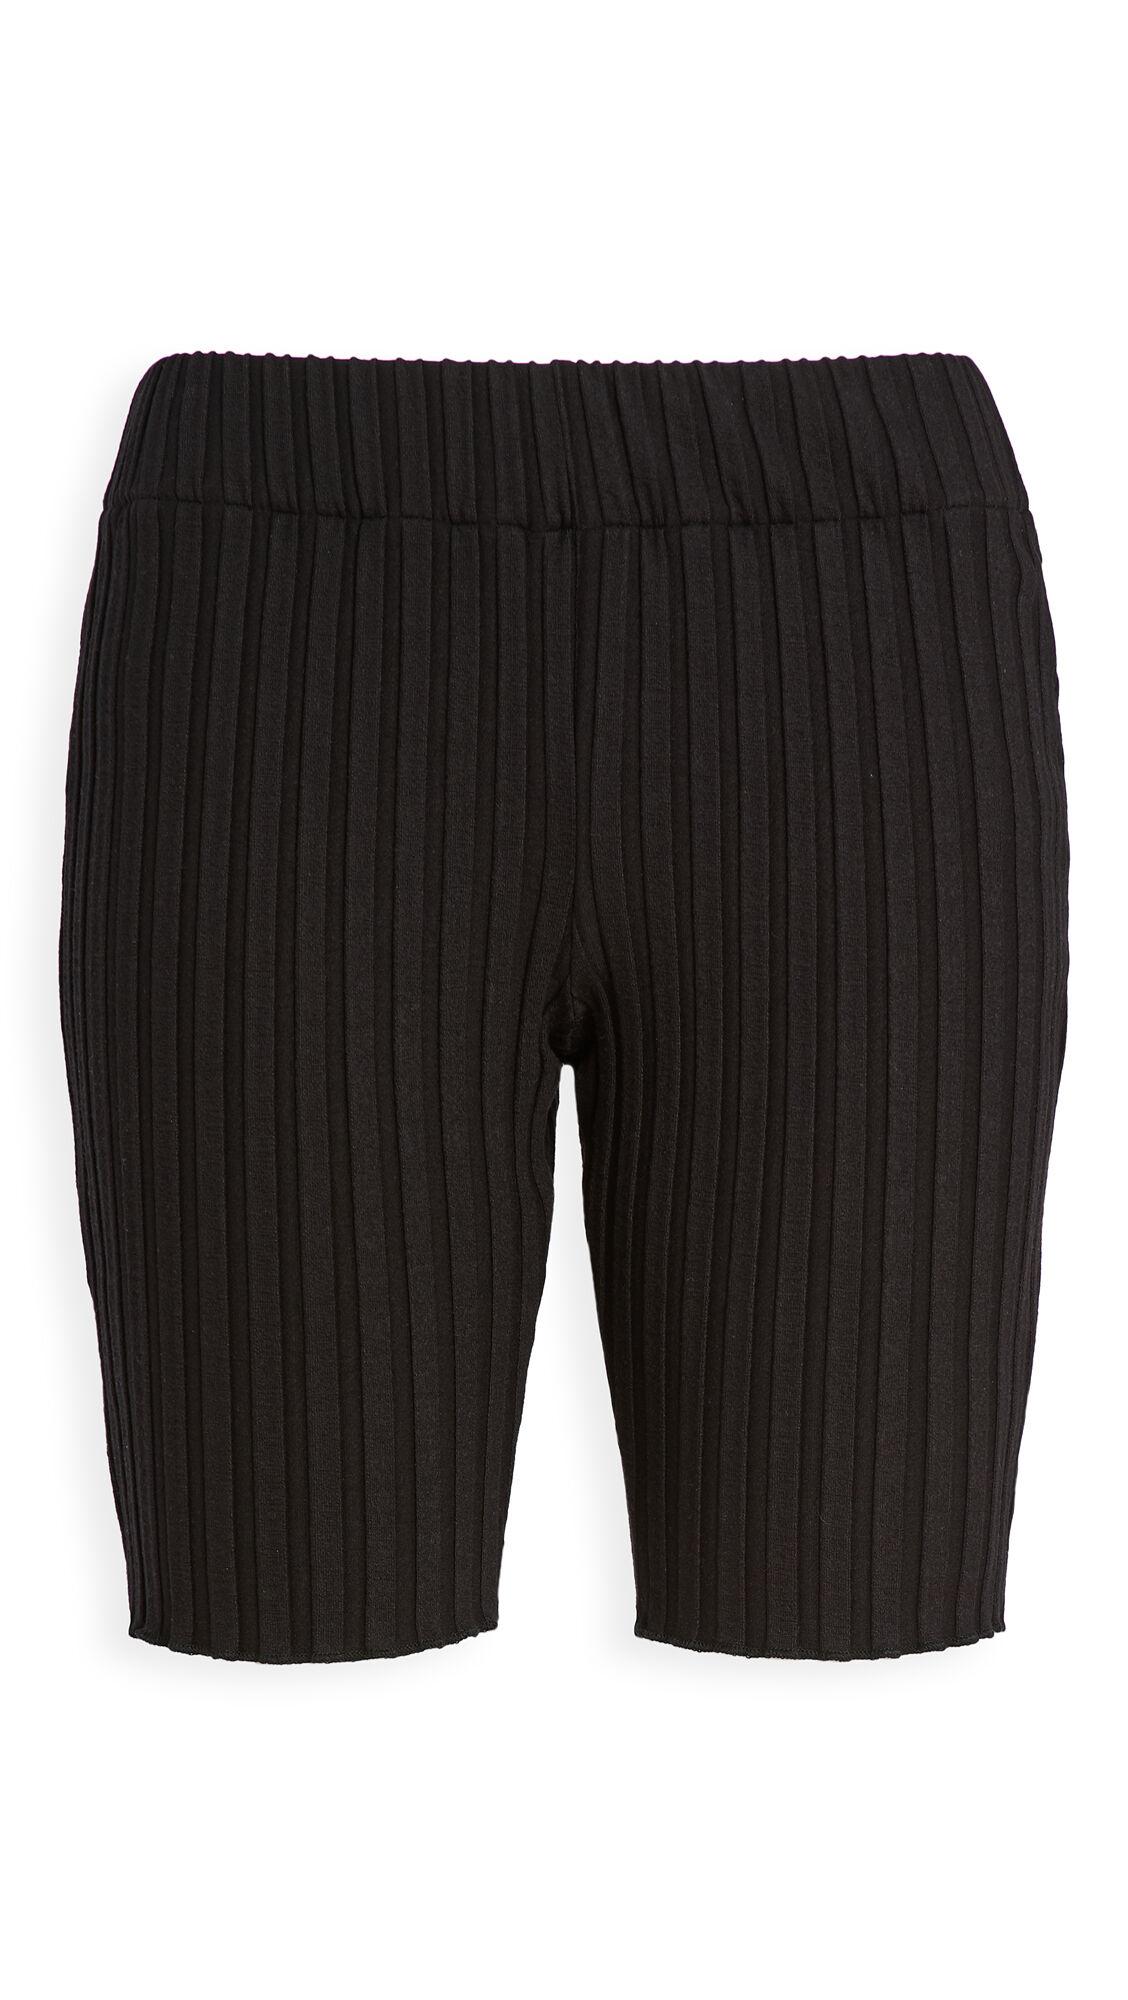 Simon Miller Burr Bike Shorts  - Black - Size: Large